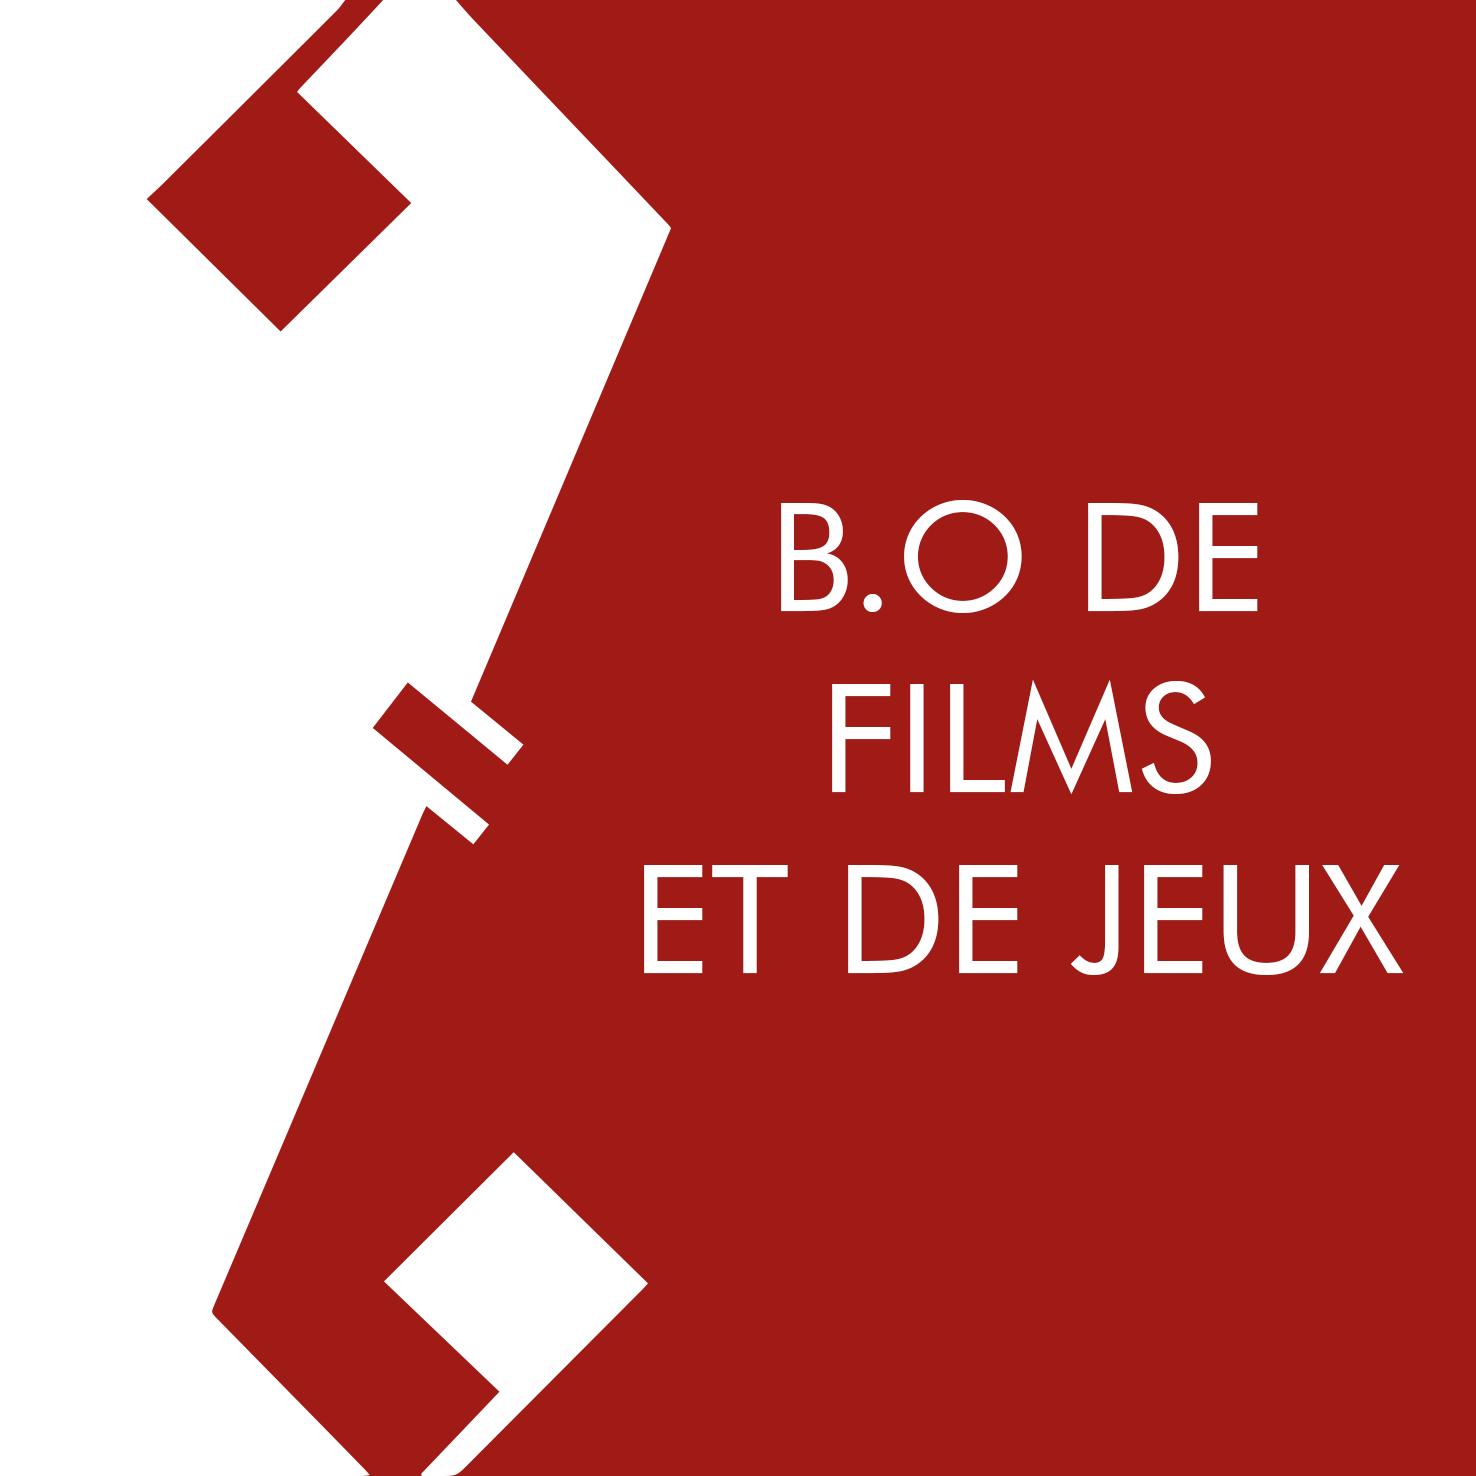 B.O DE FILMS - DE JEUX